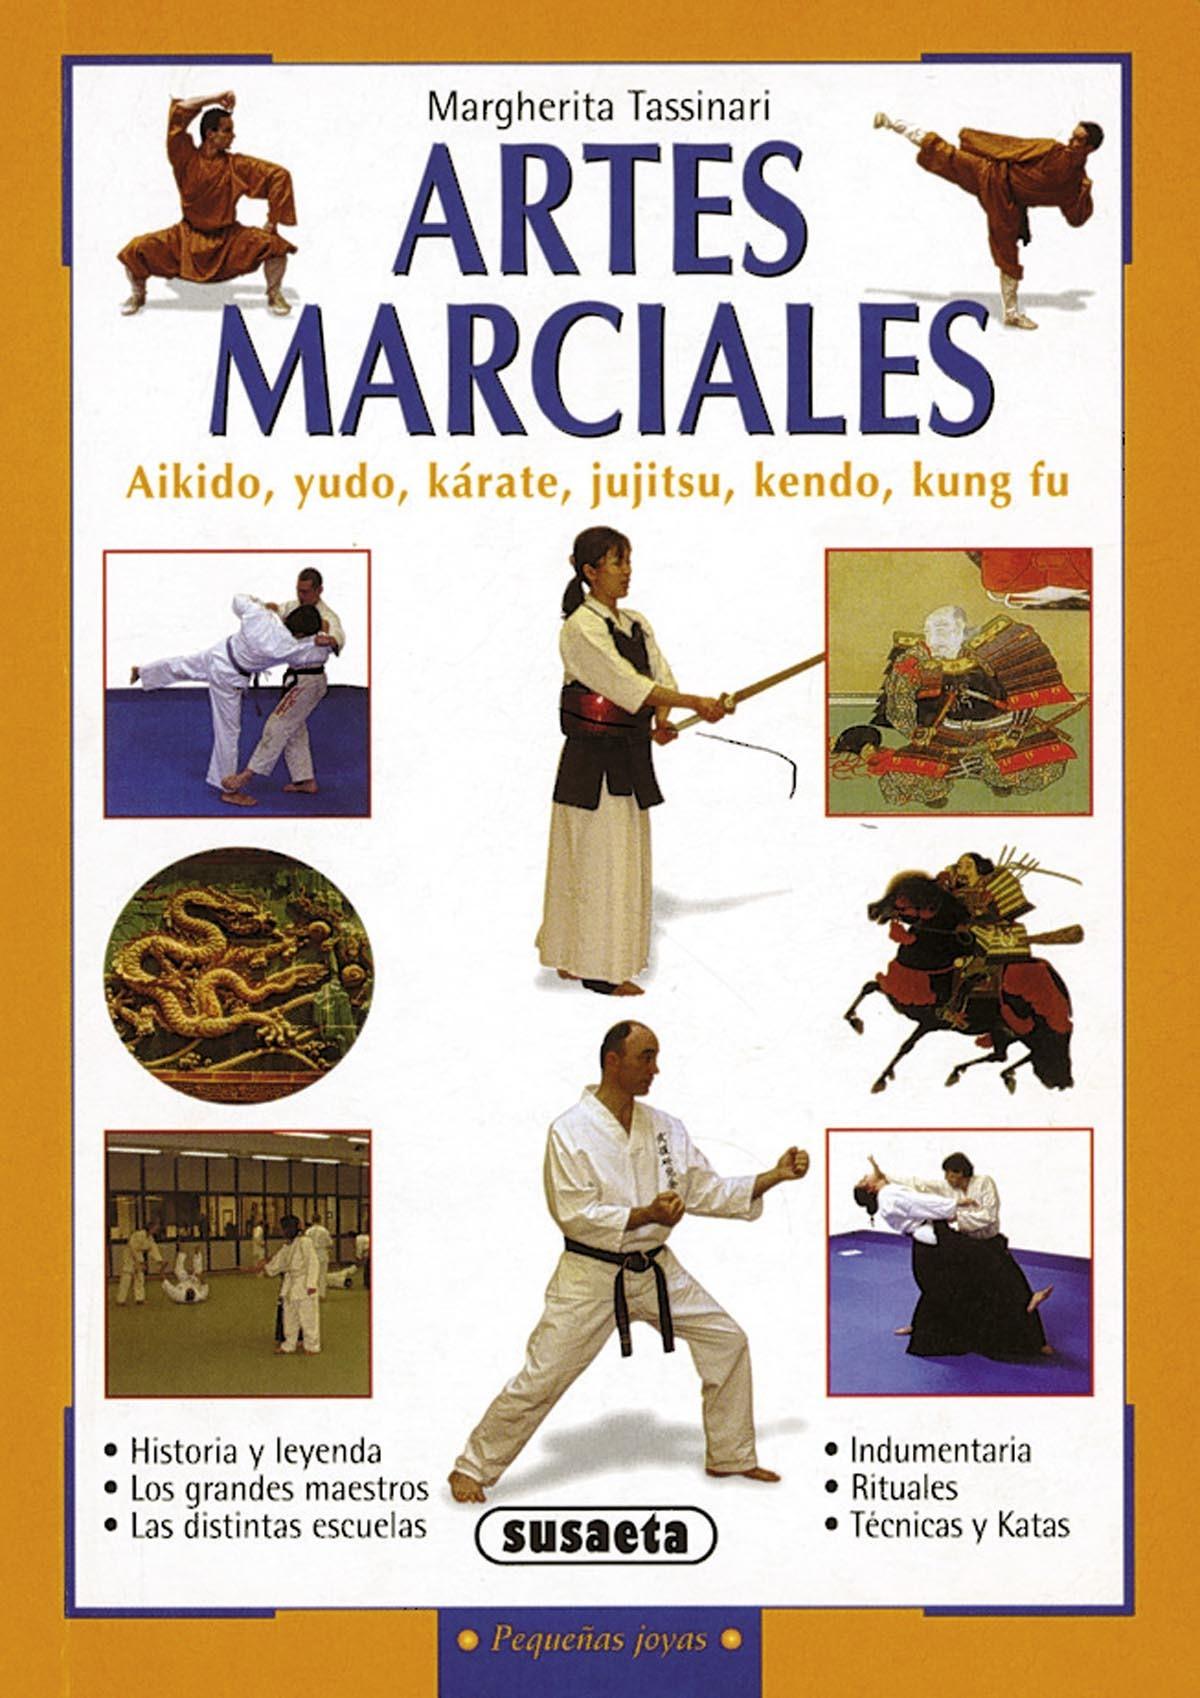 ARTES MARCIALES. AIKIDO, JUDO, KÁRATE, KENDO, KUNG FU